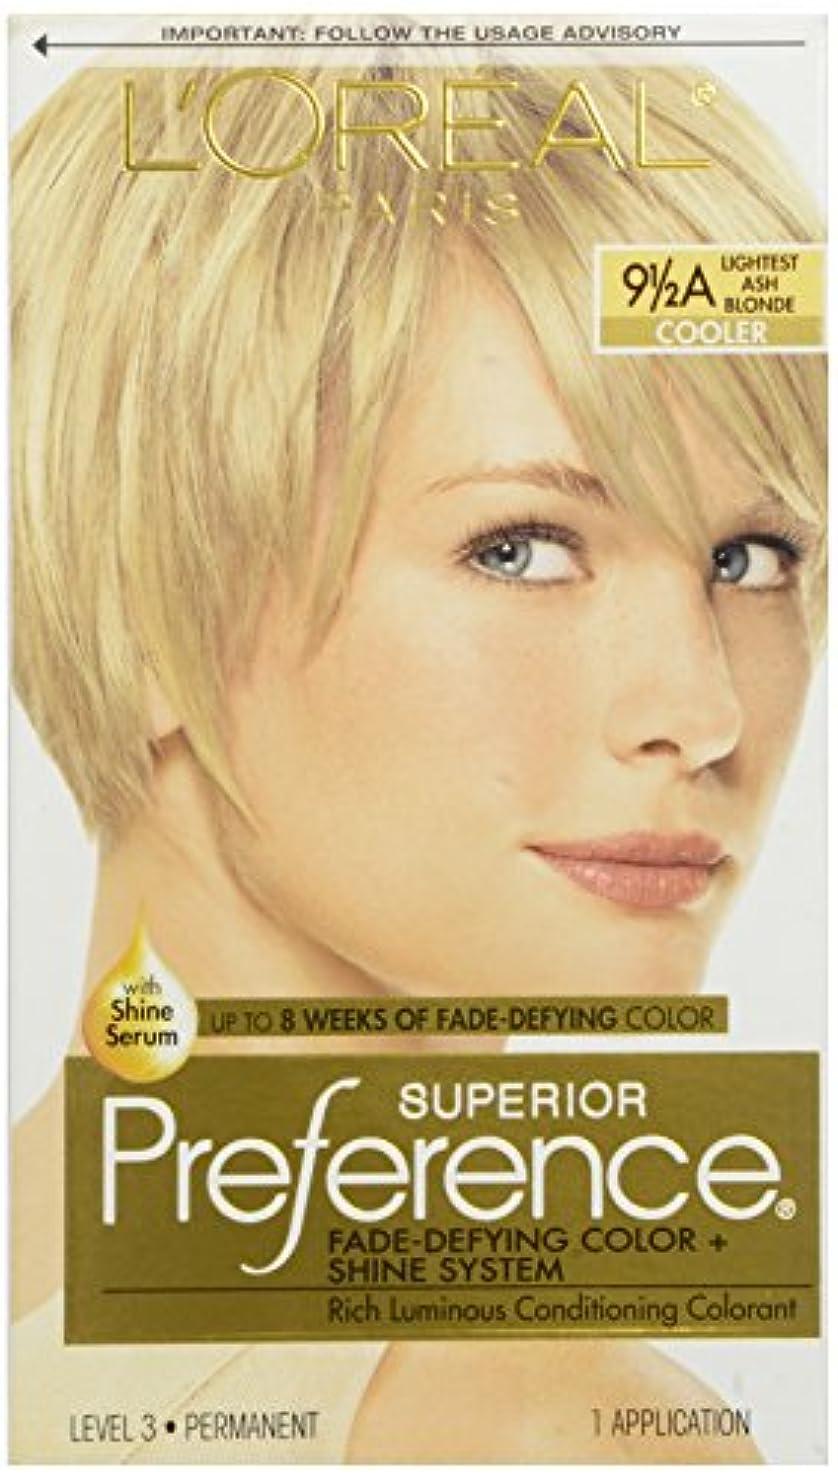 衣類矩形締め切りL'OREAL SUPERIOR PREFERENCE HAIR COLORANT #9 1/2A LIGHTEST ASH BLONDE COOLER